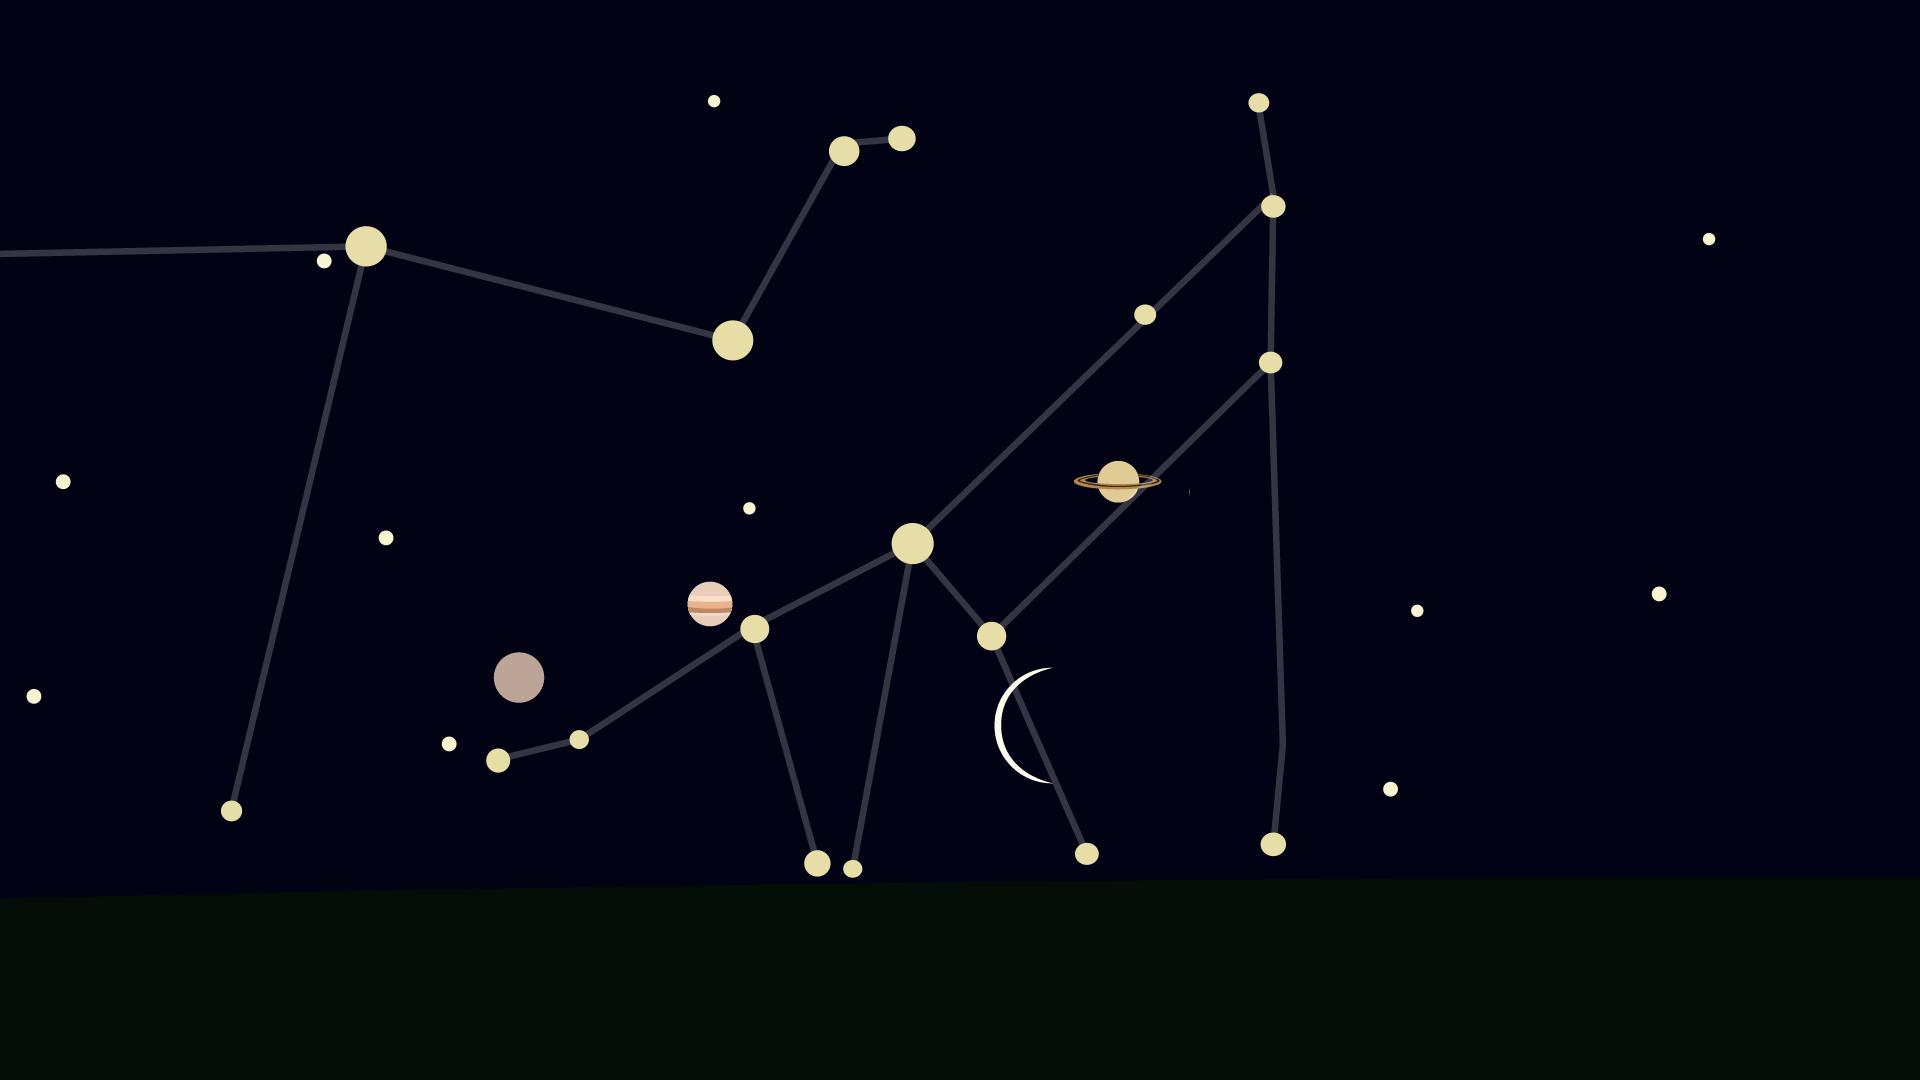 Cette nuit, tentez de voir la belle rencontre de la Lune et trois planètes - Numerama